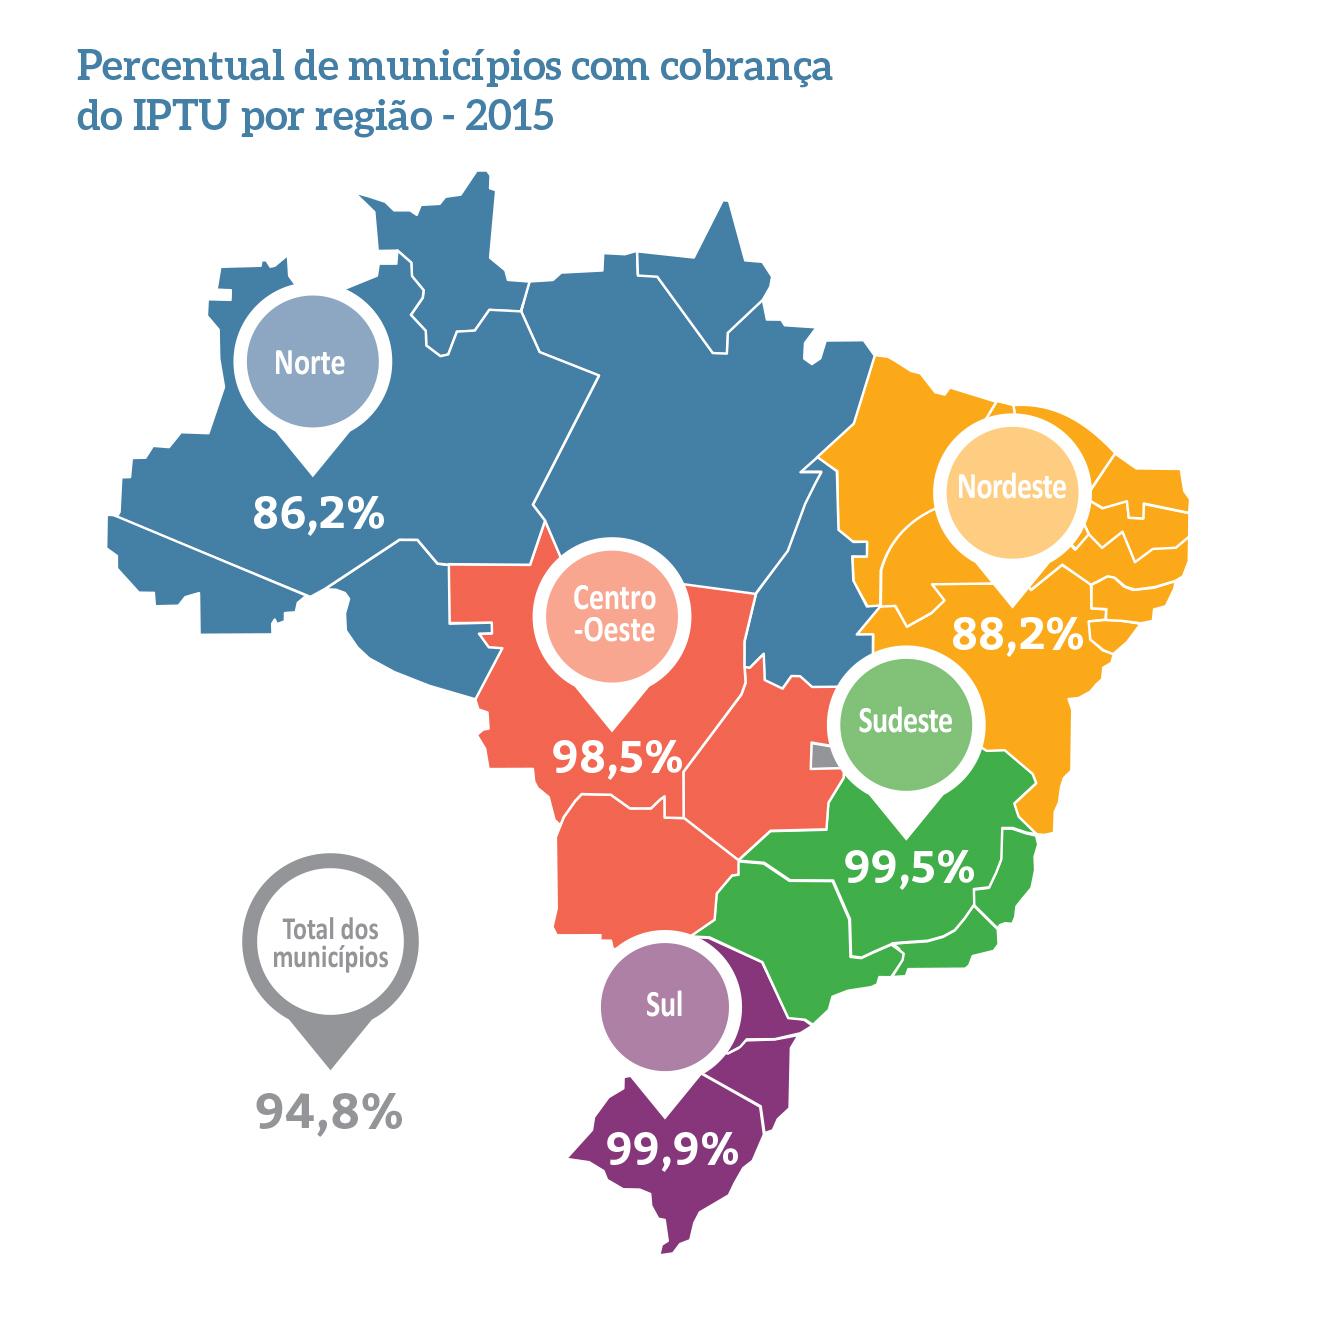 Mapa de municípios que cobram IPTU